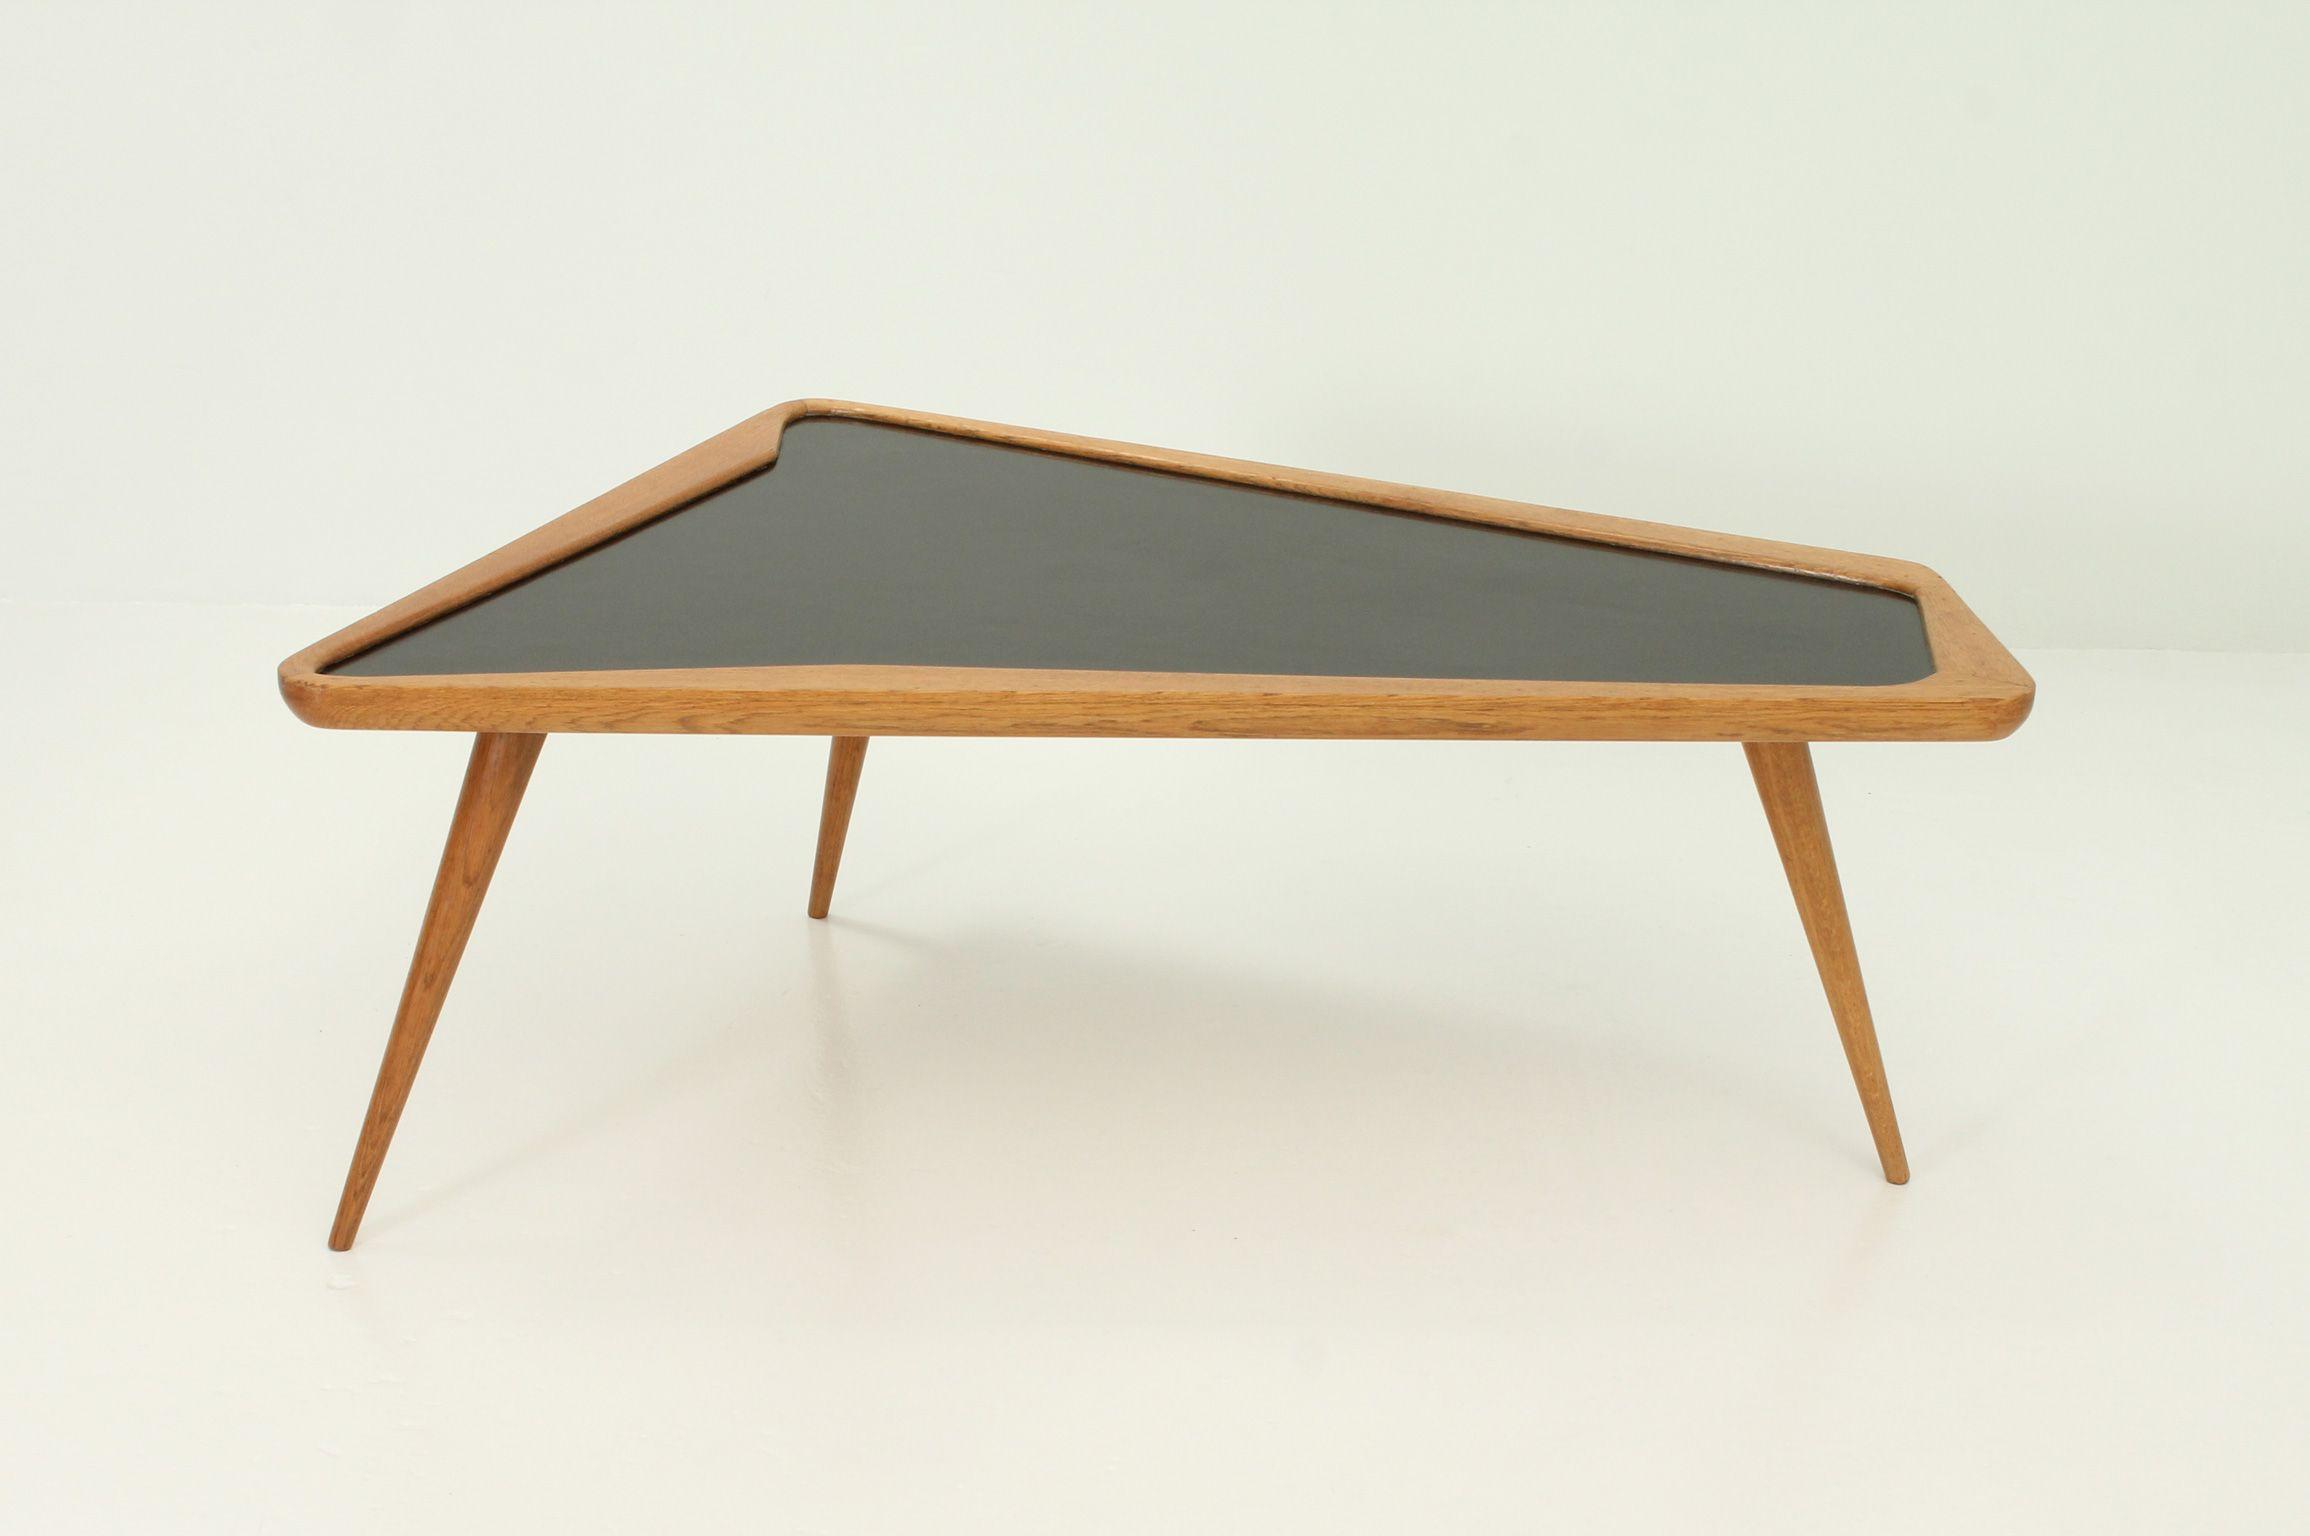 Table Basse En Formica vintage coffee table in oakwood and formicacharles ramos